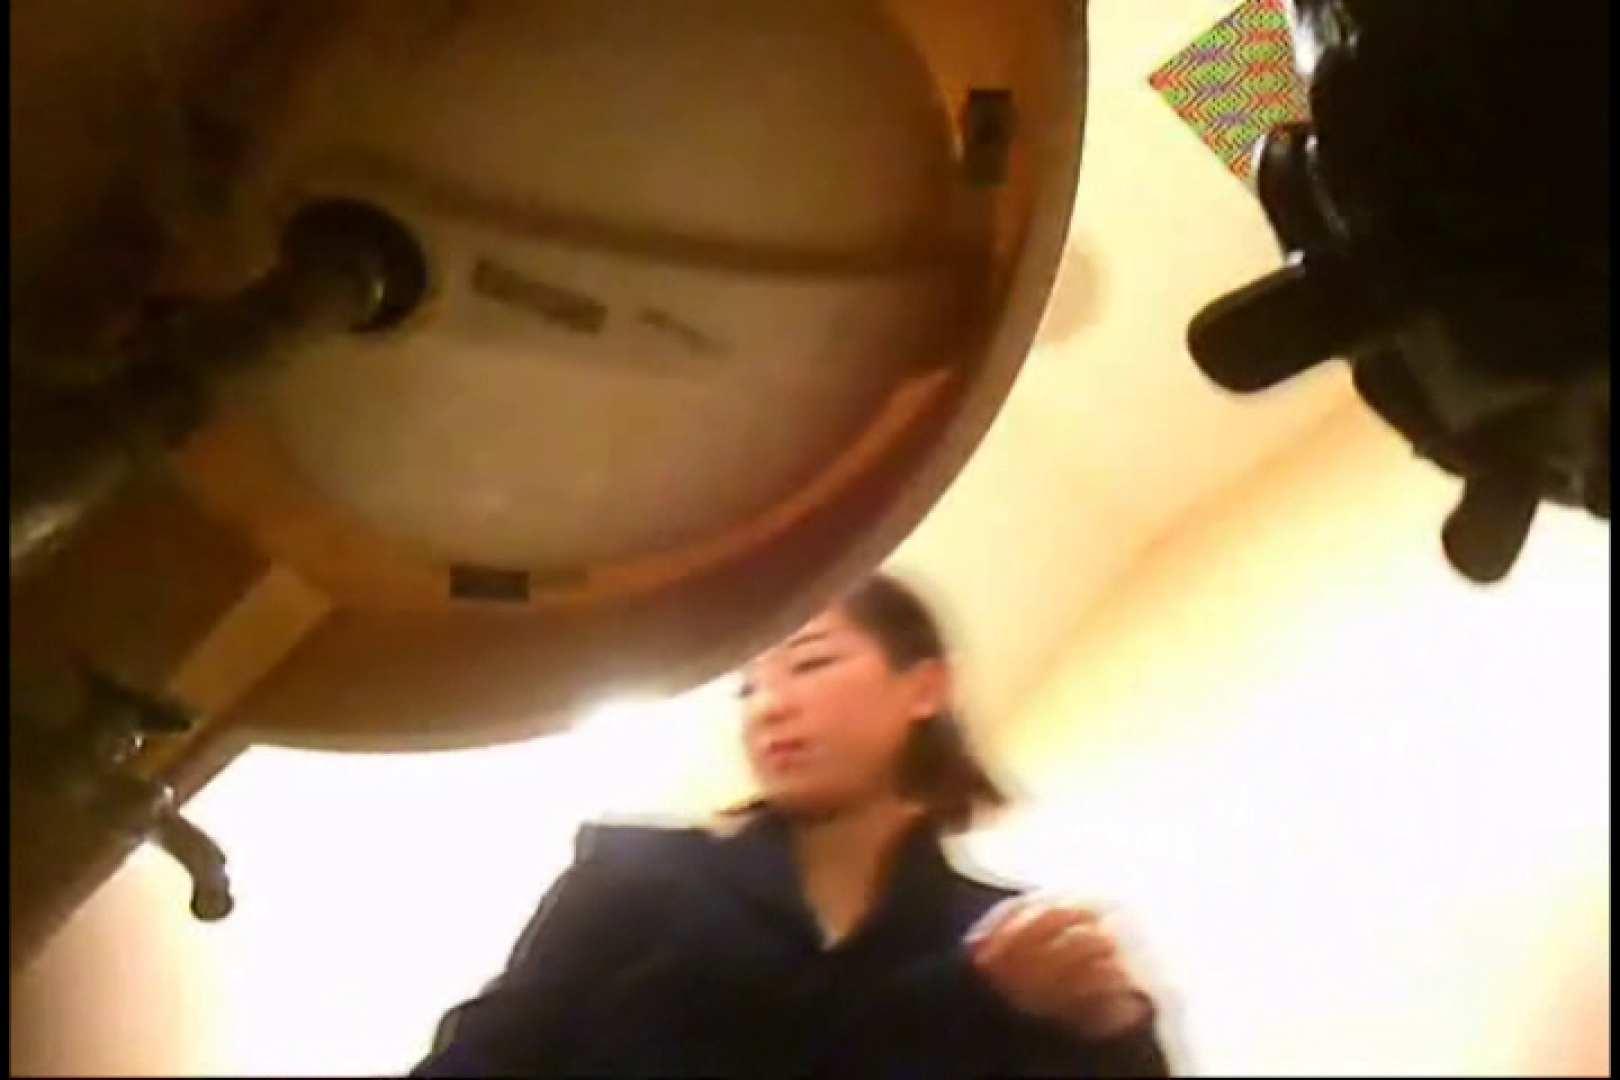 画質向上!新亀さん厠 vol.02 マンコ・ムレムレ | 厠隠し撮り  99pic 61